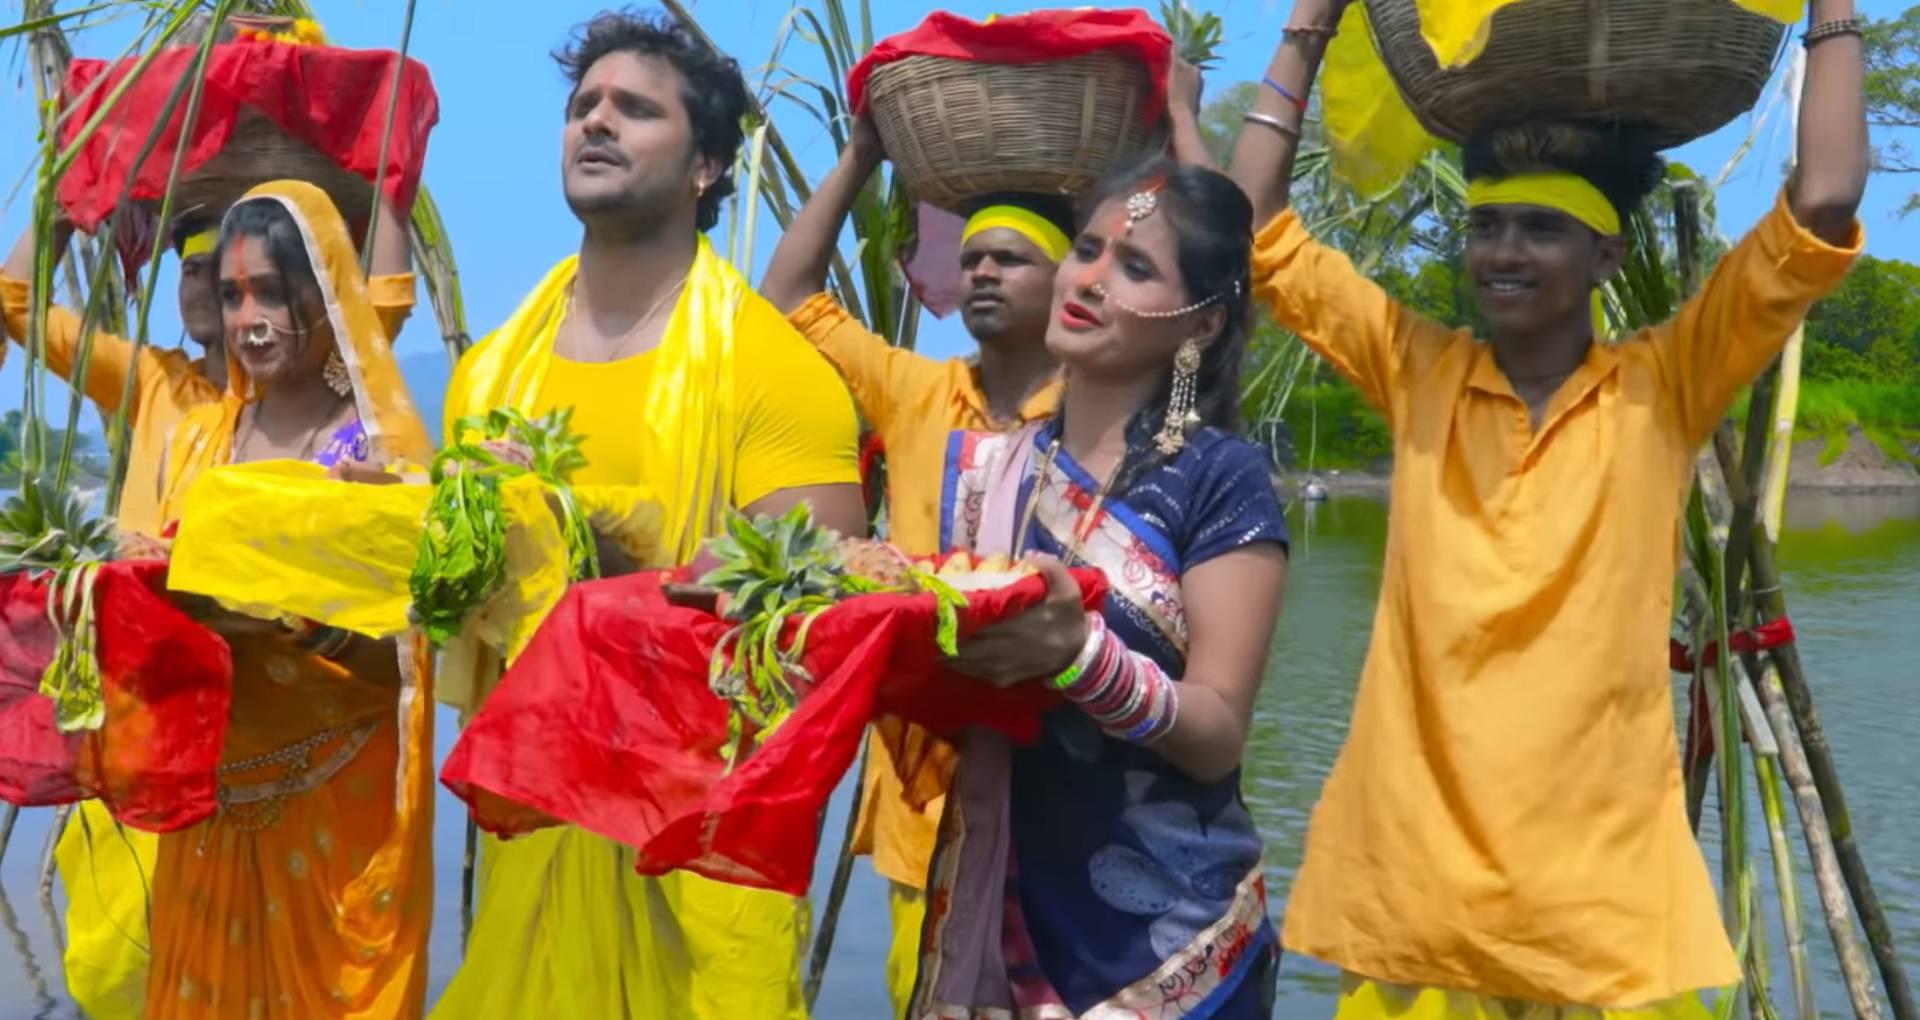 Chhath Geet 2019: खेसारी लाल यादव का नया छठ गीत लॉन्च, बता रहे हैं व्रत रखने वाली महिलाओं की स्थिति